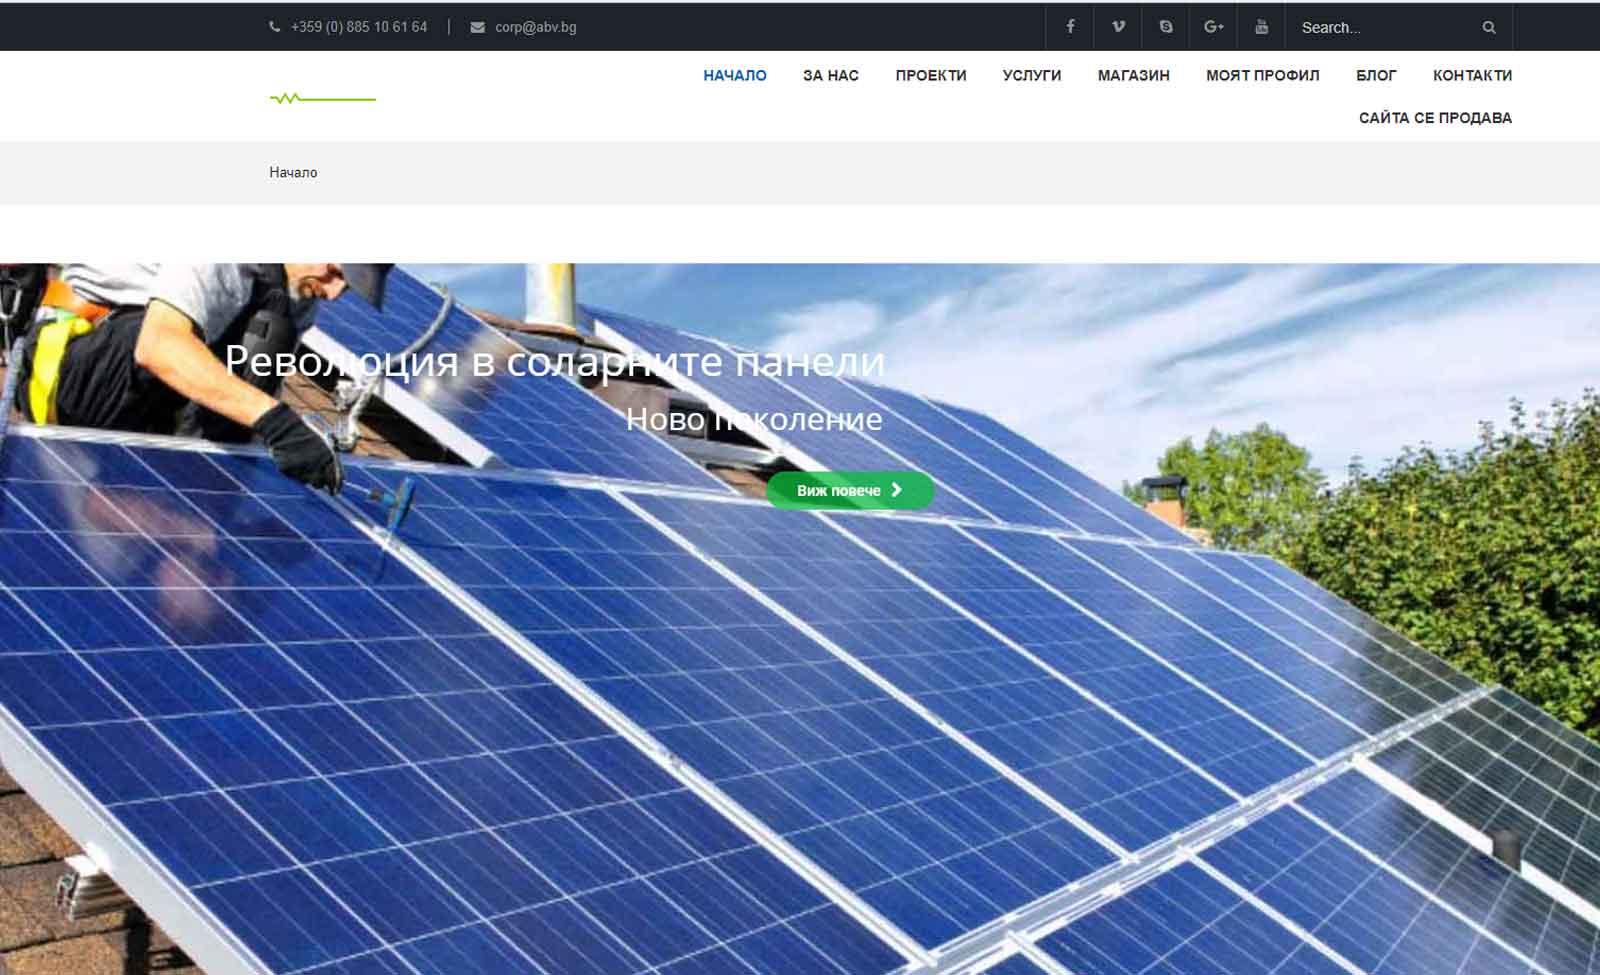 Изработка на уебсайт за соларни панели